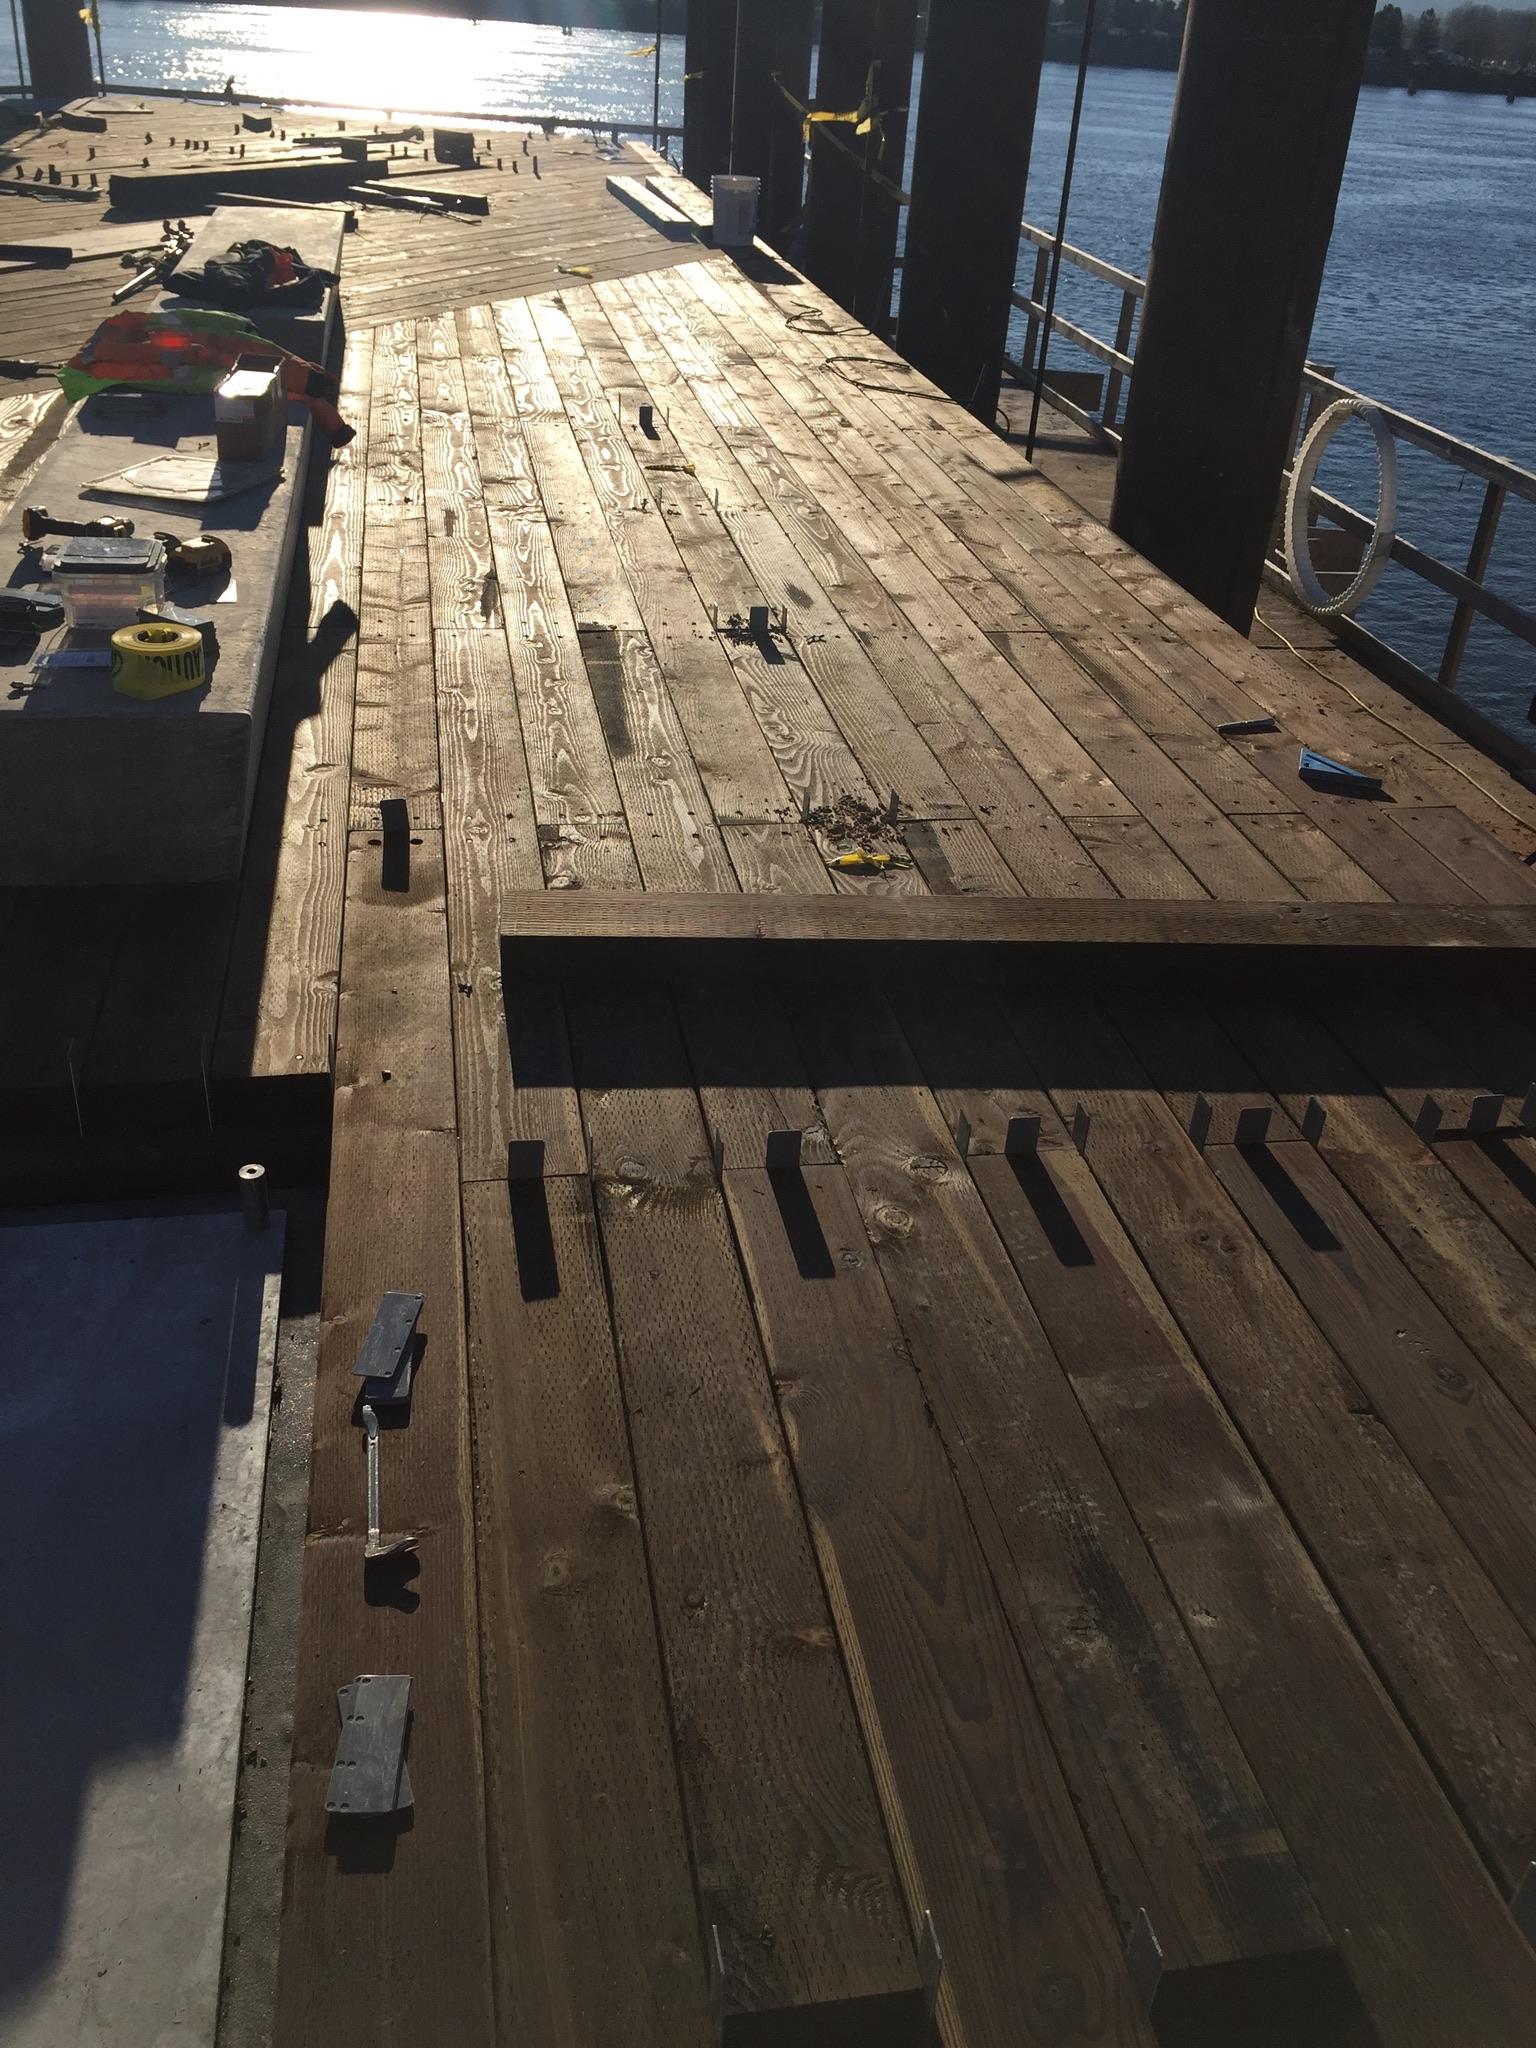 vancouver_waterfront park pier_larry kirkland_public art services_j grant projects_8.JPG